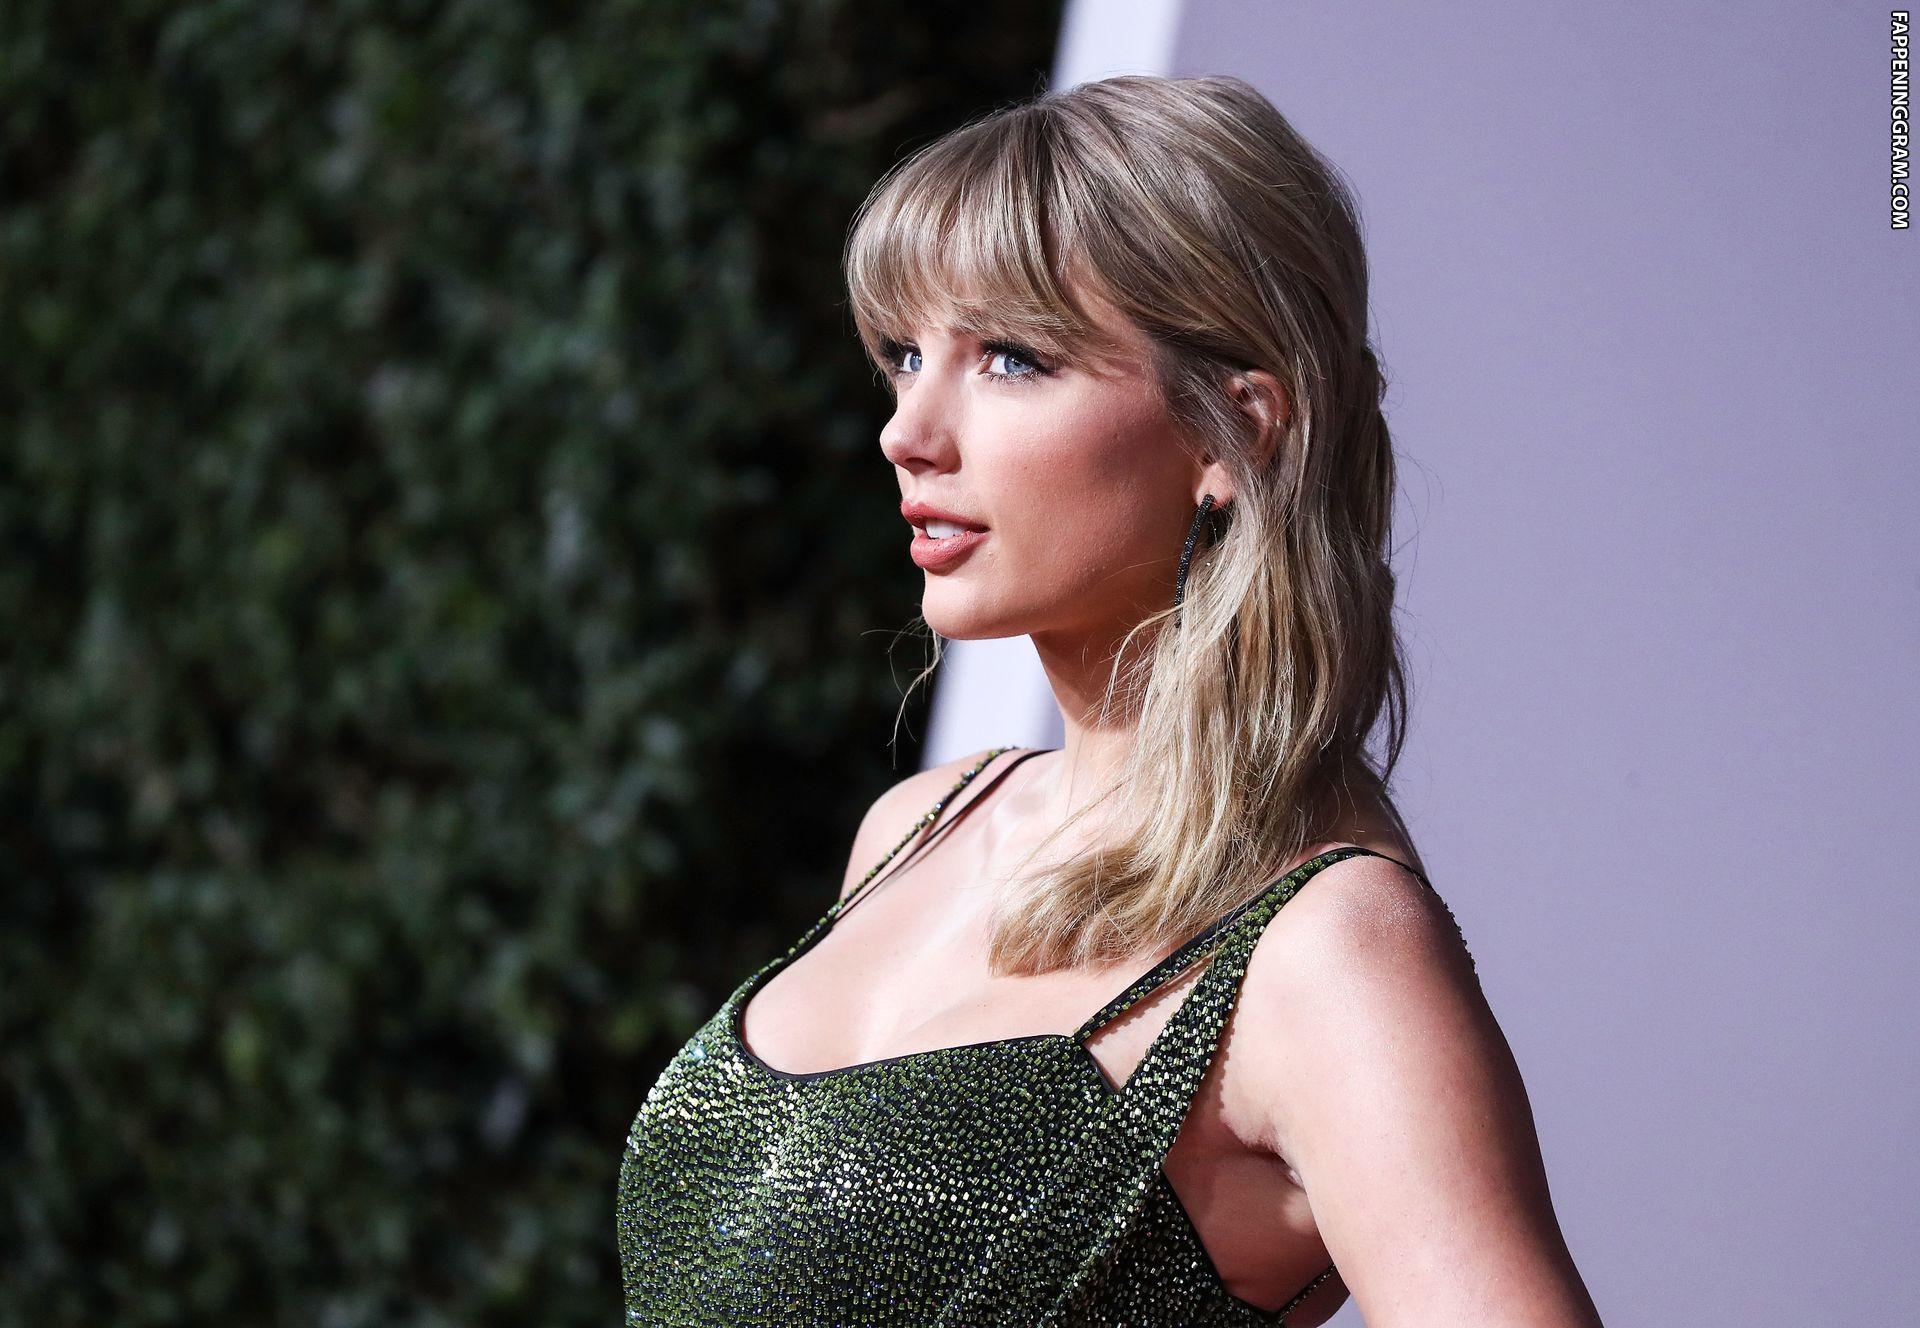 nude Taylor leak swift